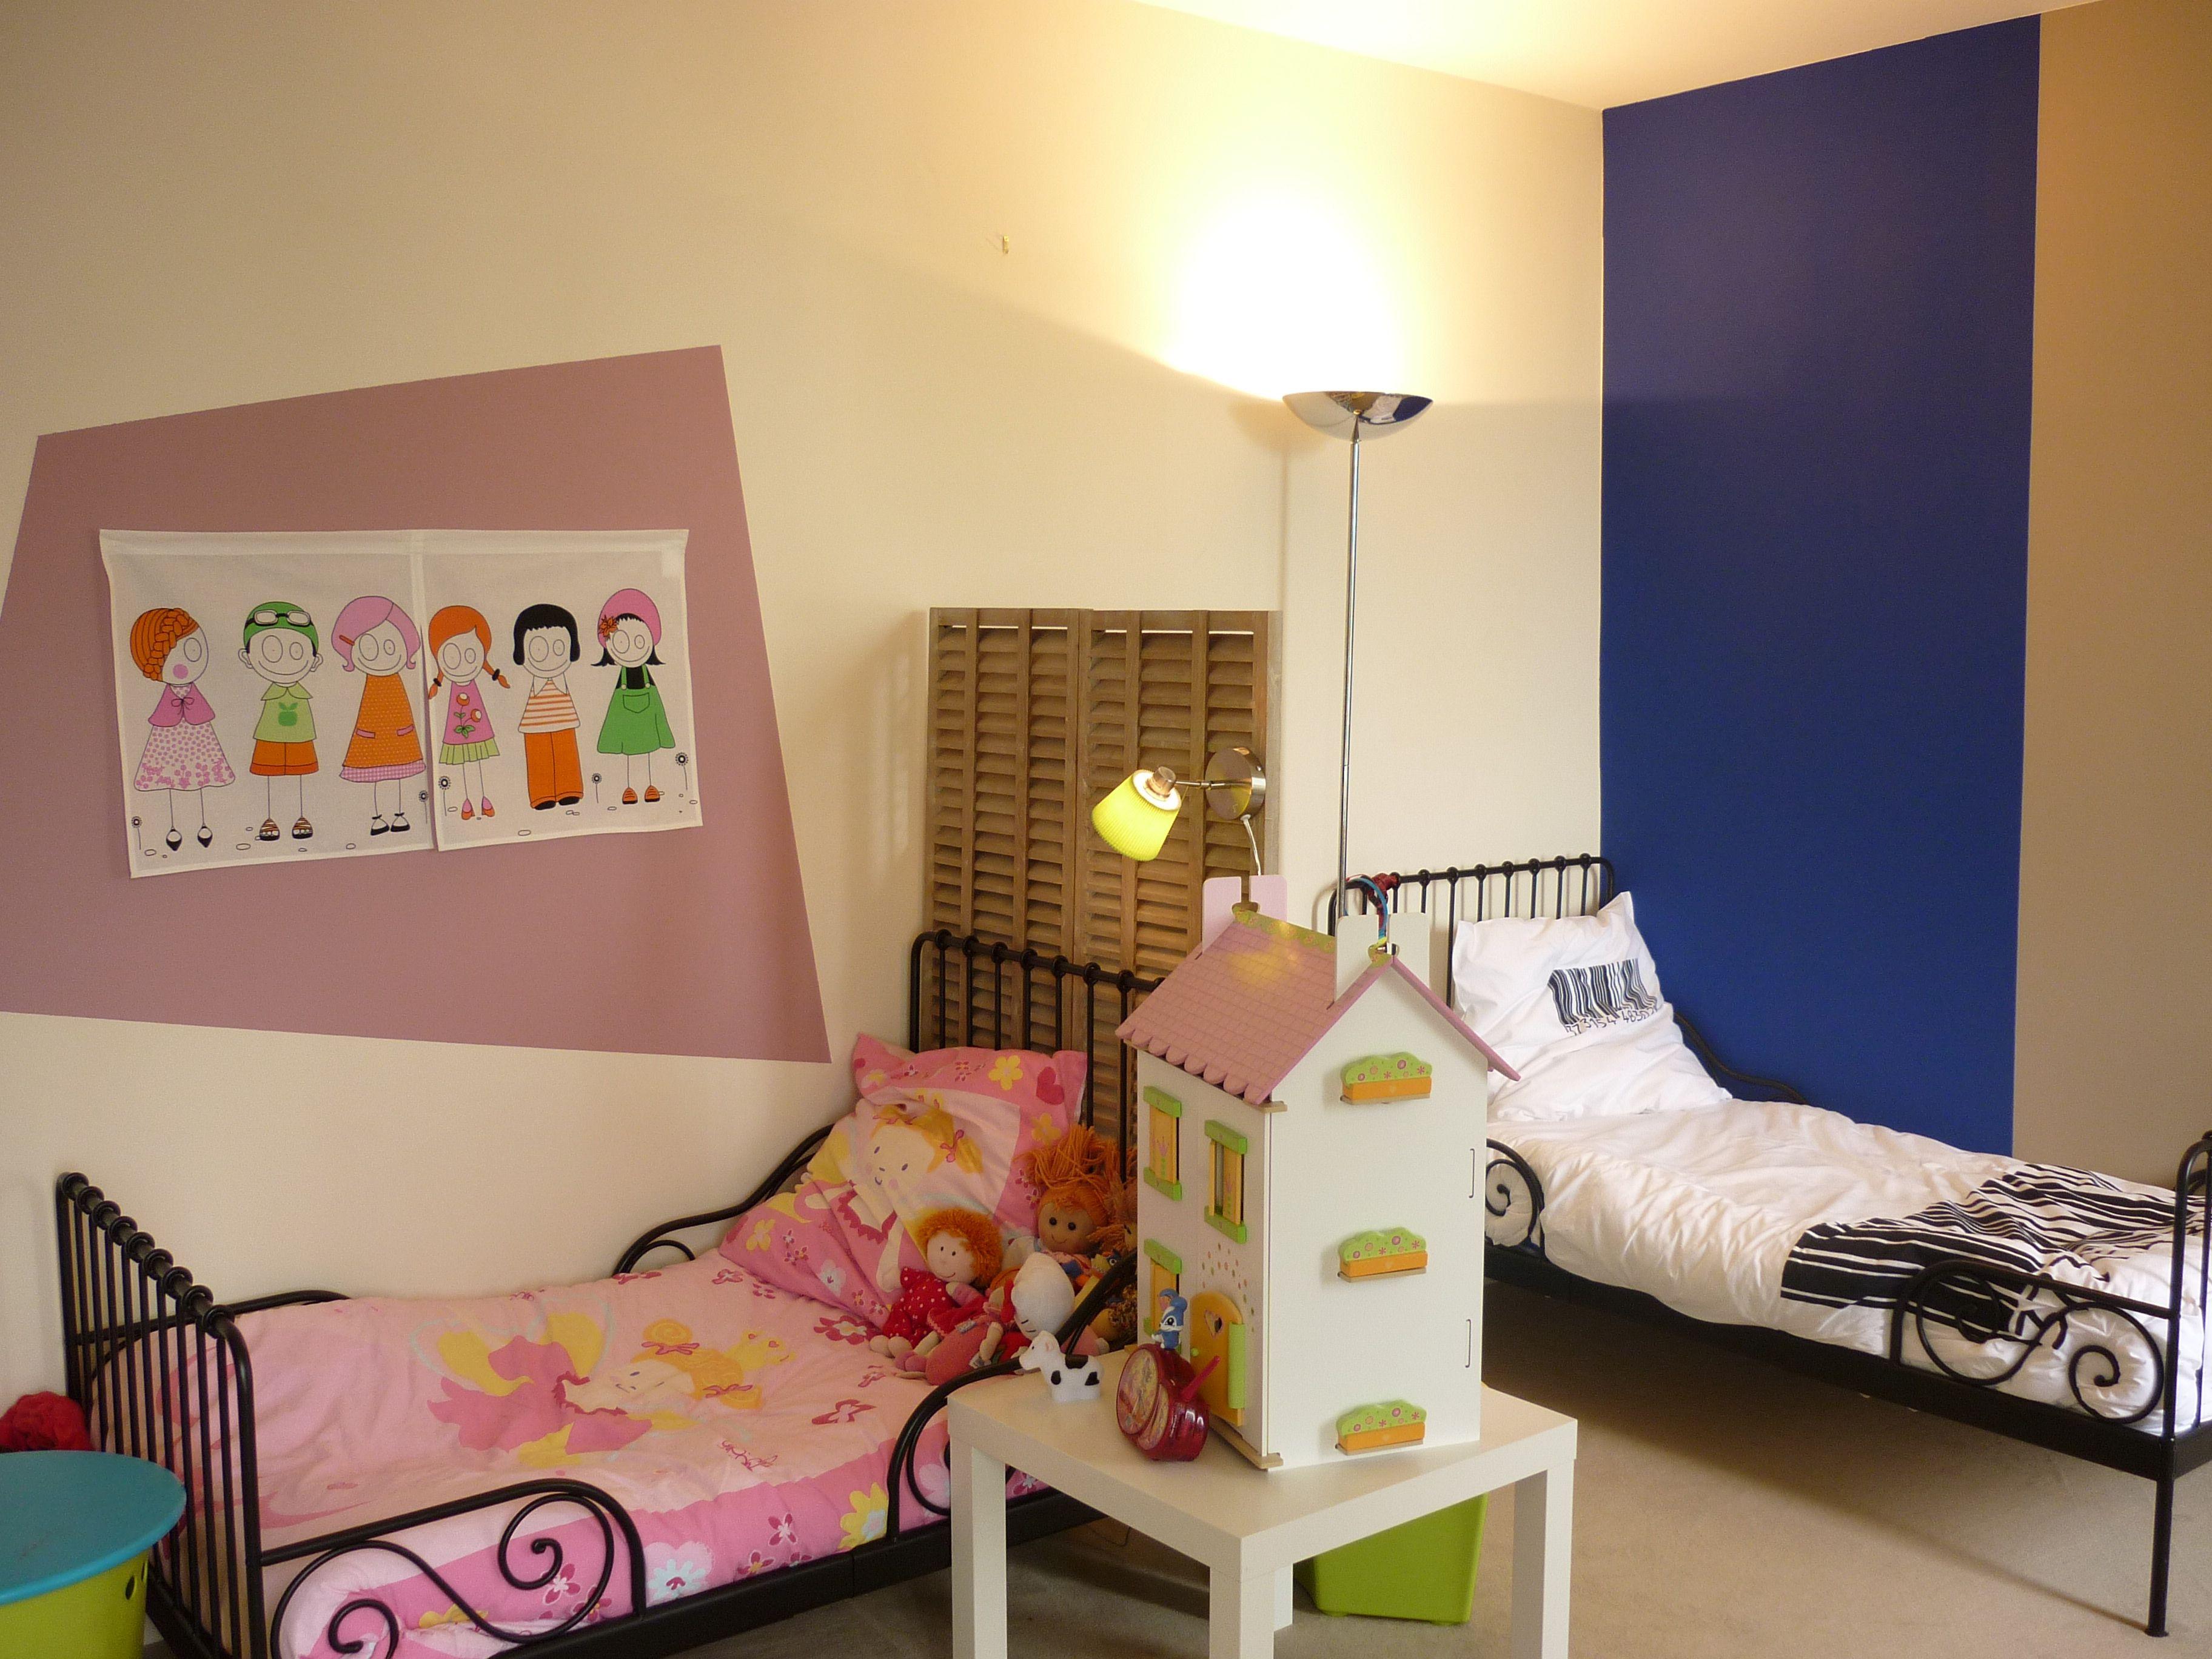 Chambre Chocolat Et Vert Anis une chambre, deux enfants, deux espaces - la déco décodée